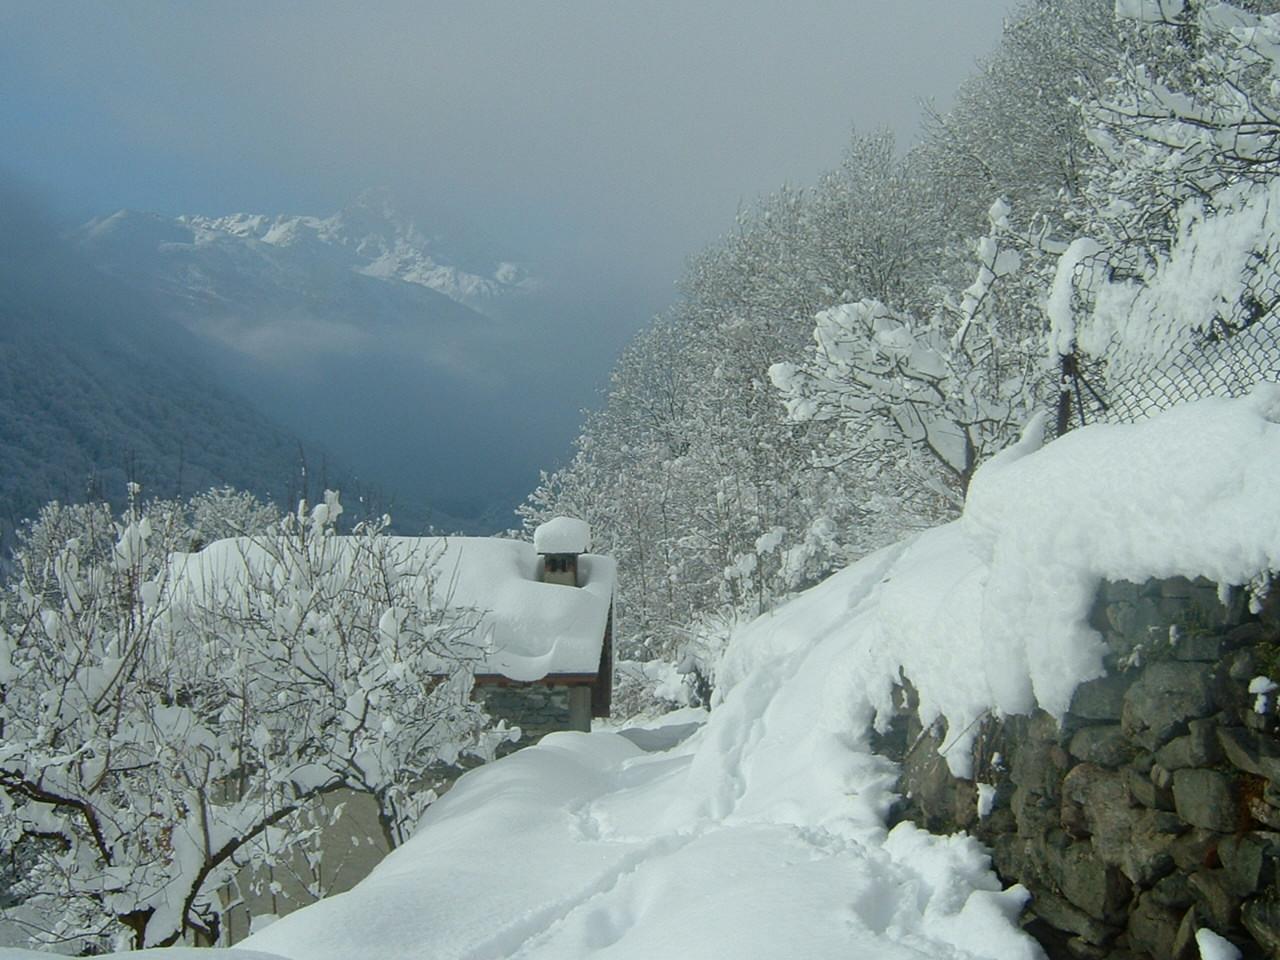 Meteo neve su nord appennino e parte delle alpi le previsioni 3b meteo - Meteo bagno di romagna 15 giorni ...